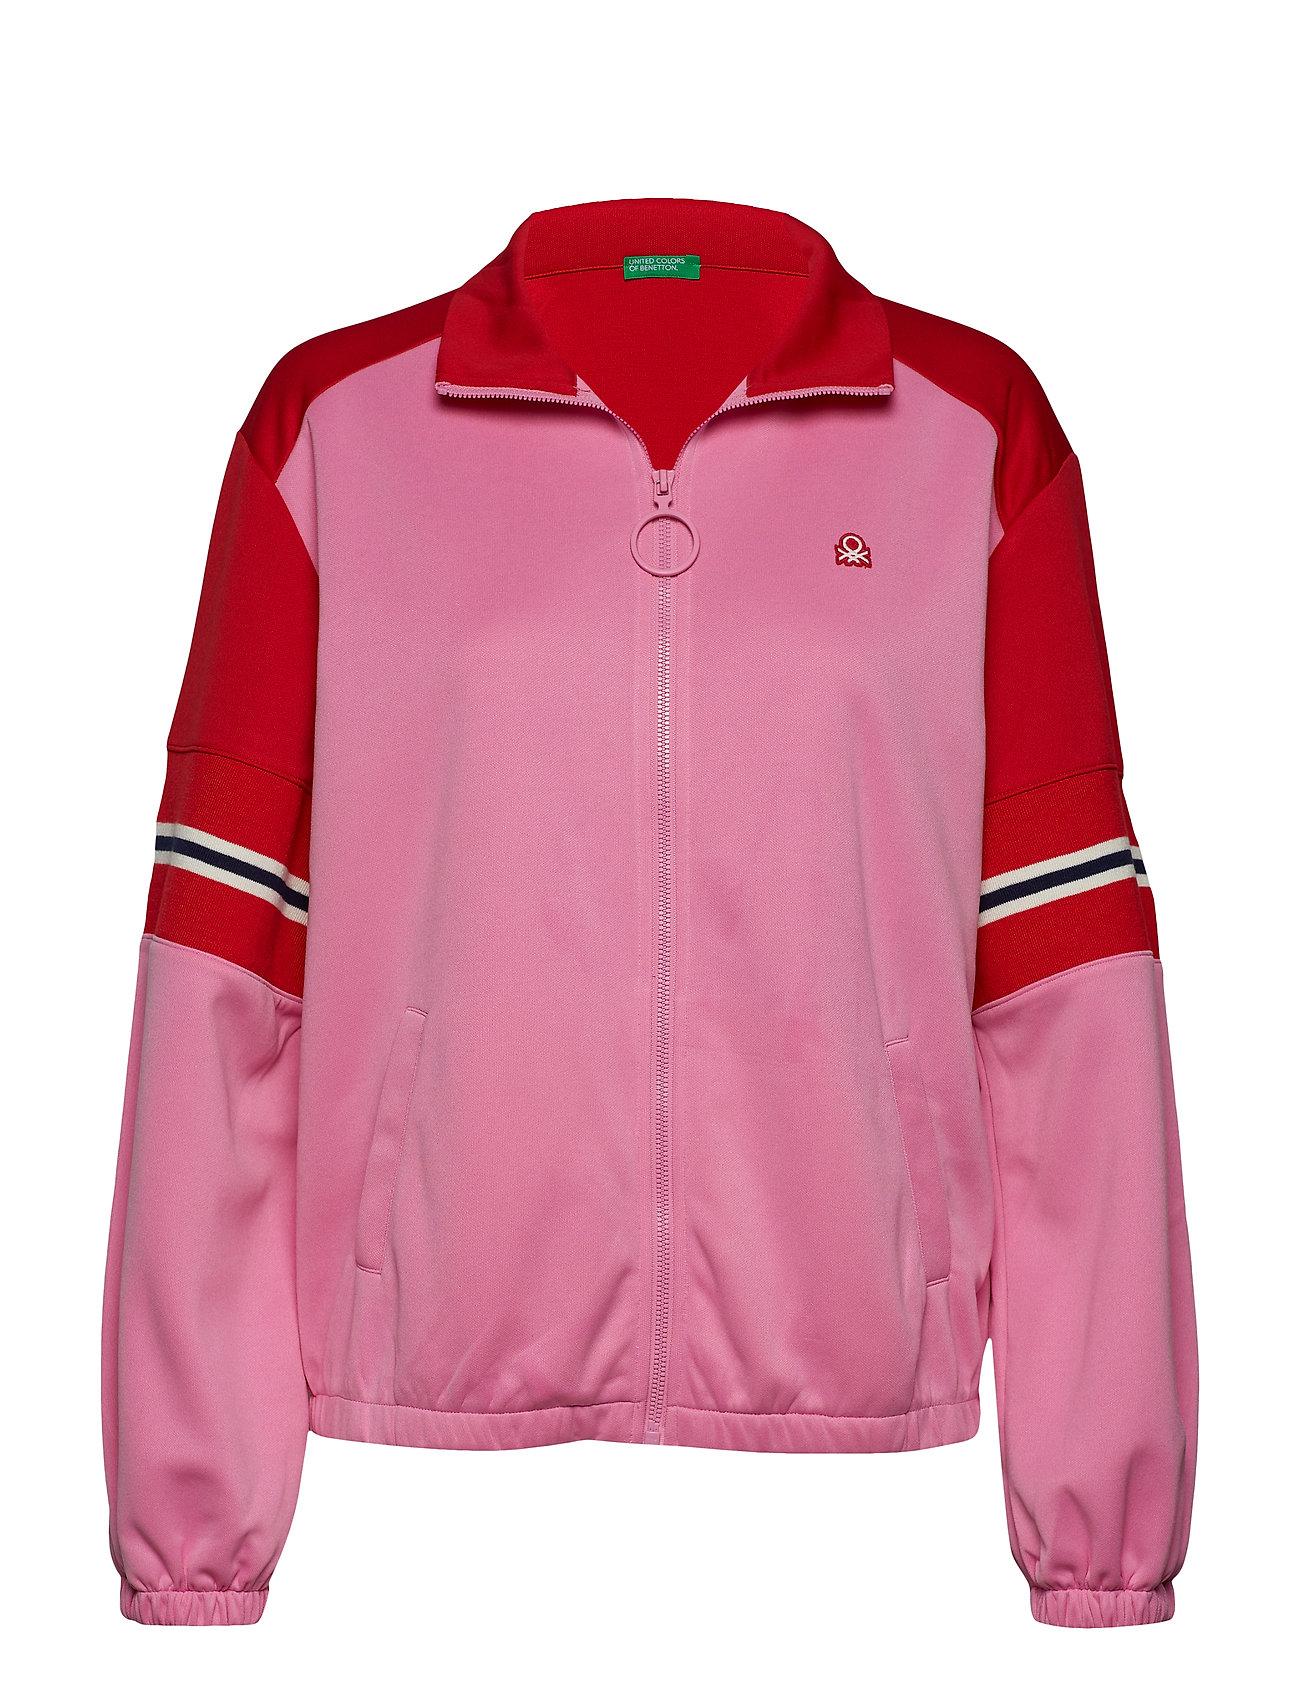 Image of Jacket (3118685289)